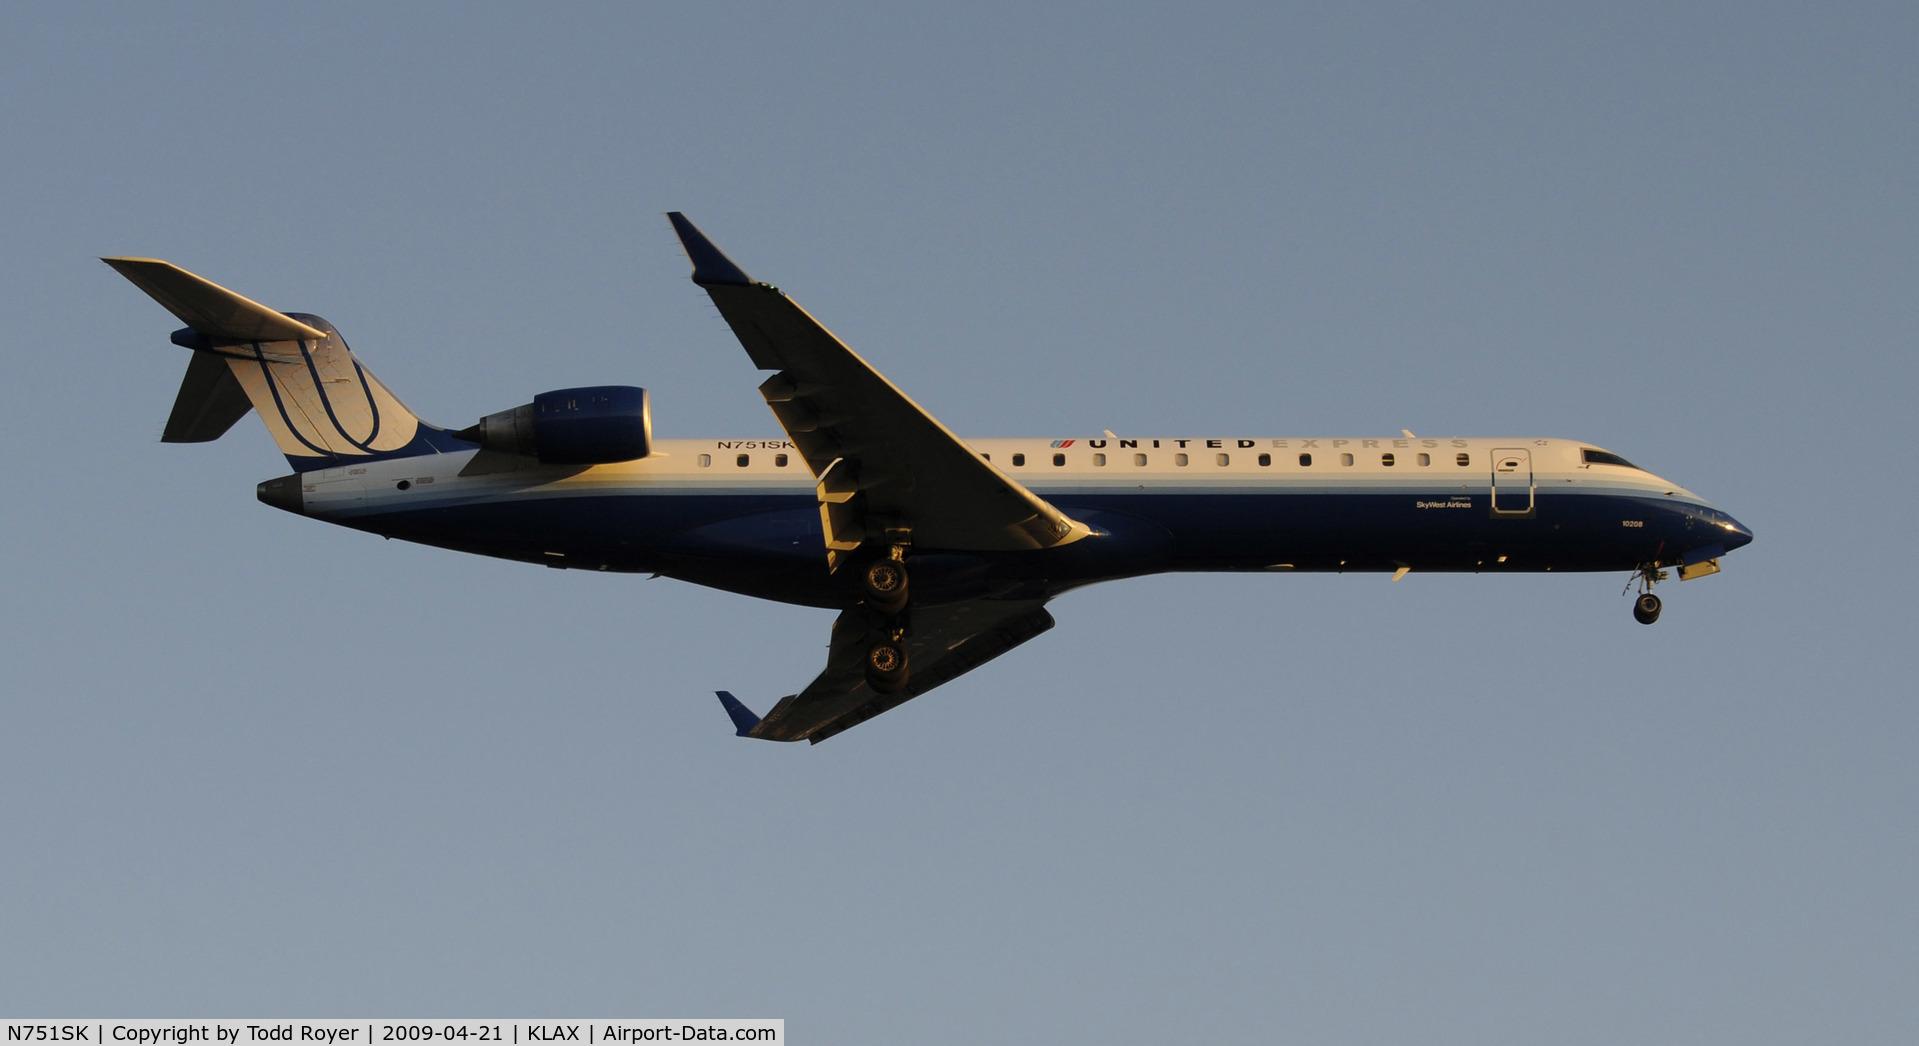 N751SK, 2005 Bombardier CRJ-701ER (CL-600-2C10) Regional Jet C/N 10208, Landing 24R at LAX